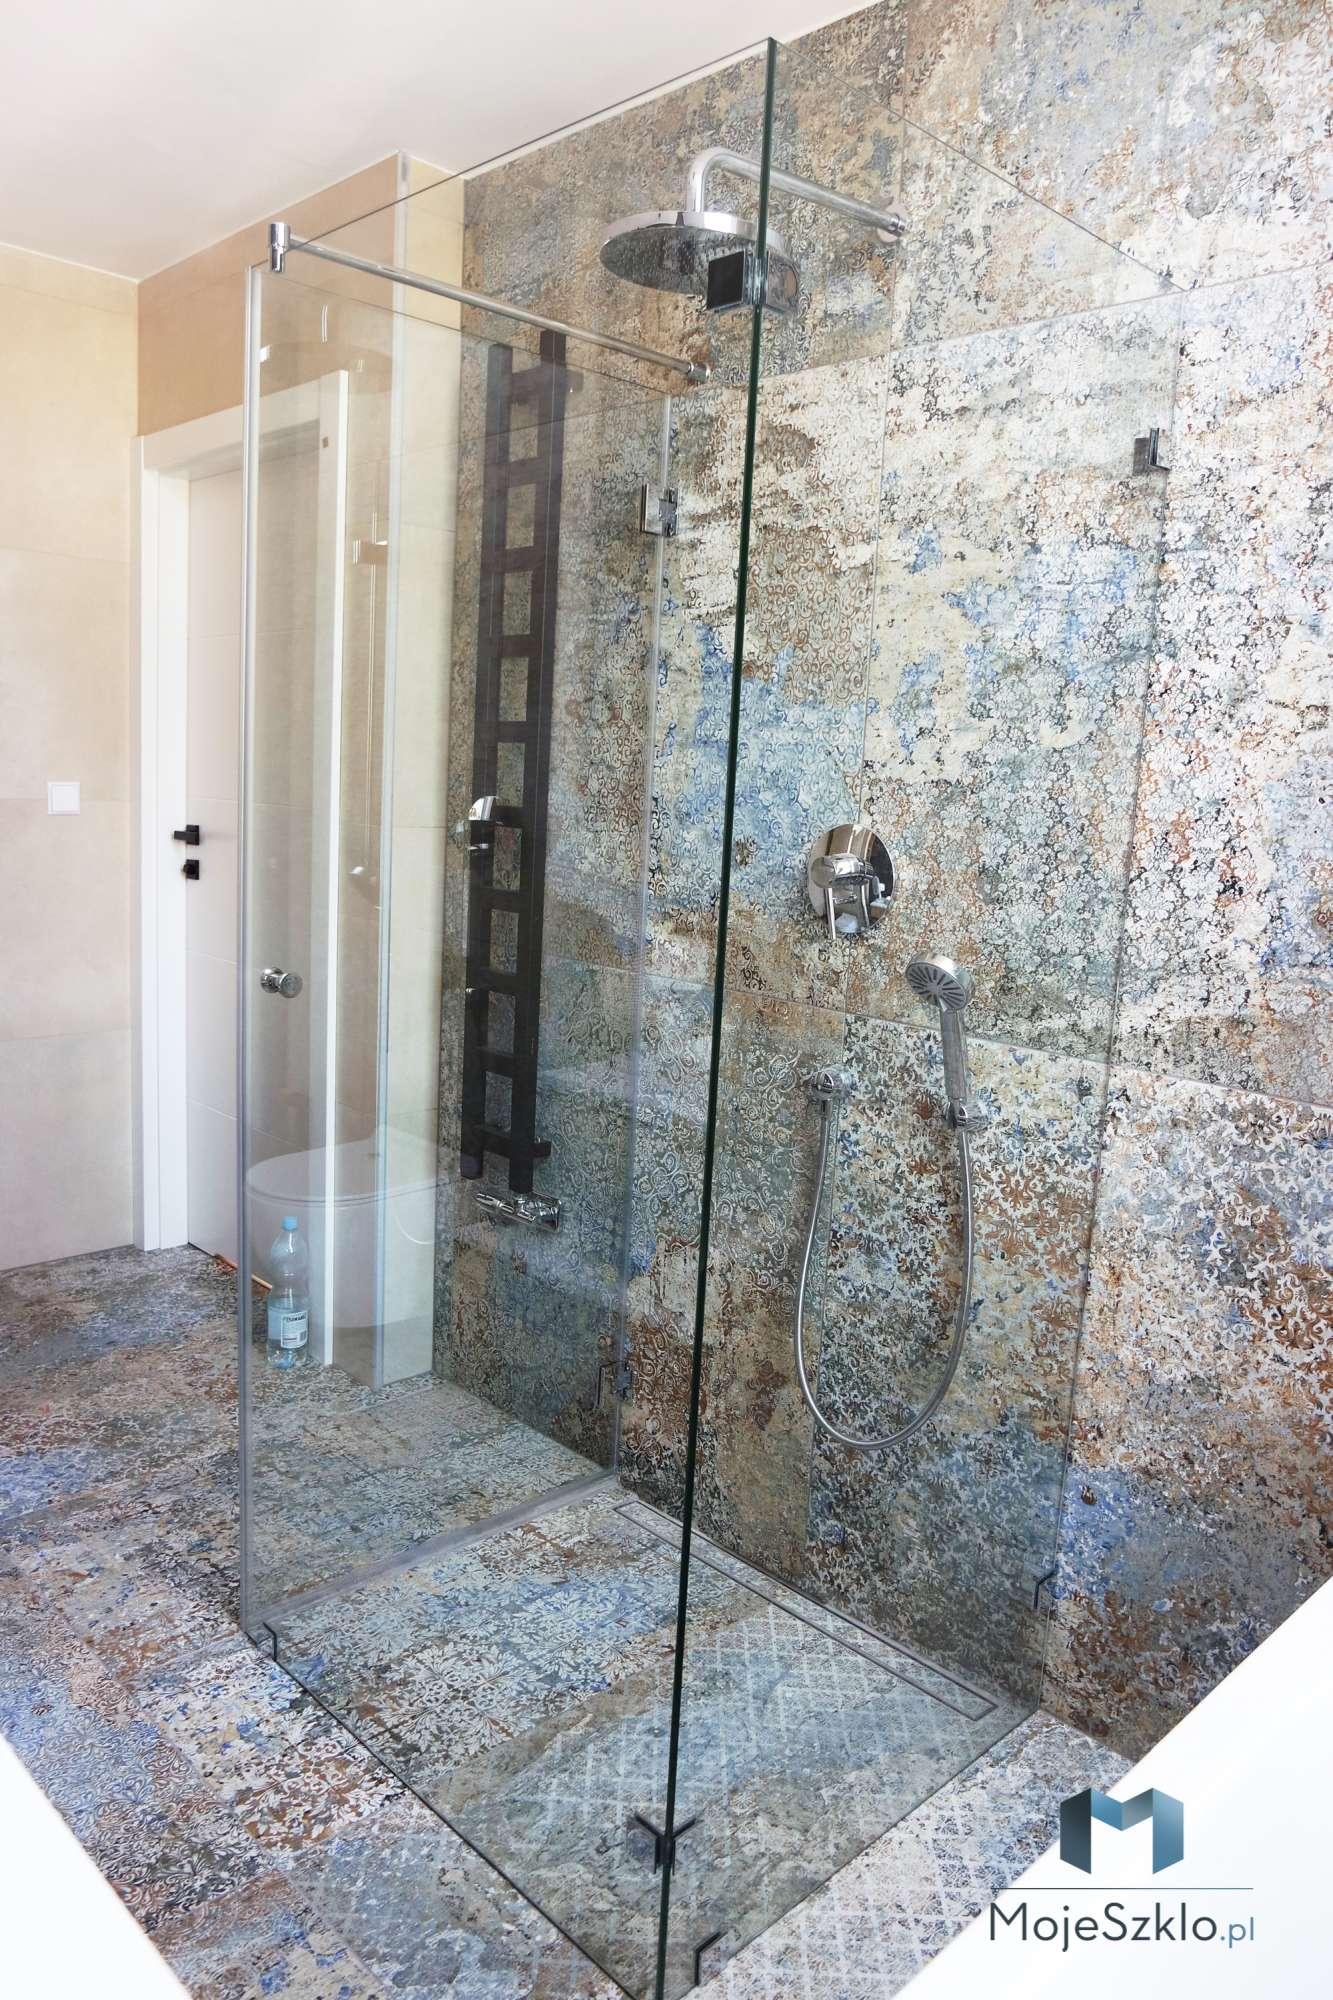 Kabina Prysznicowa Przyscienna Wieliczka - Kabina prysznicowa przyścienna na wymiar